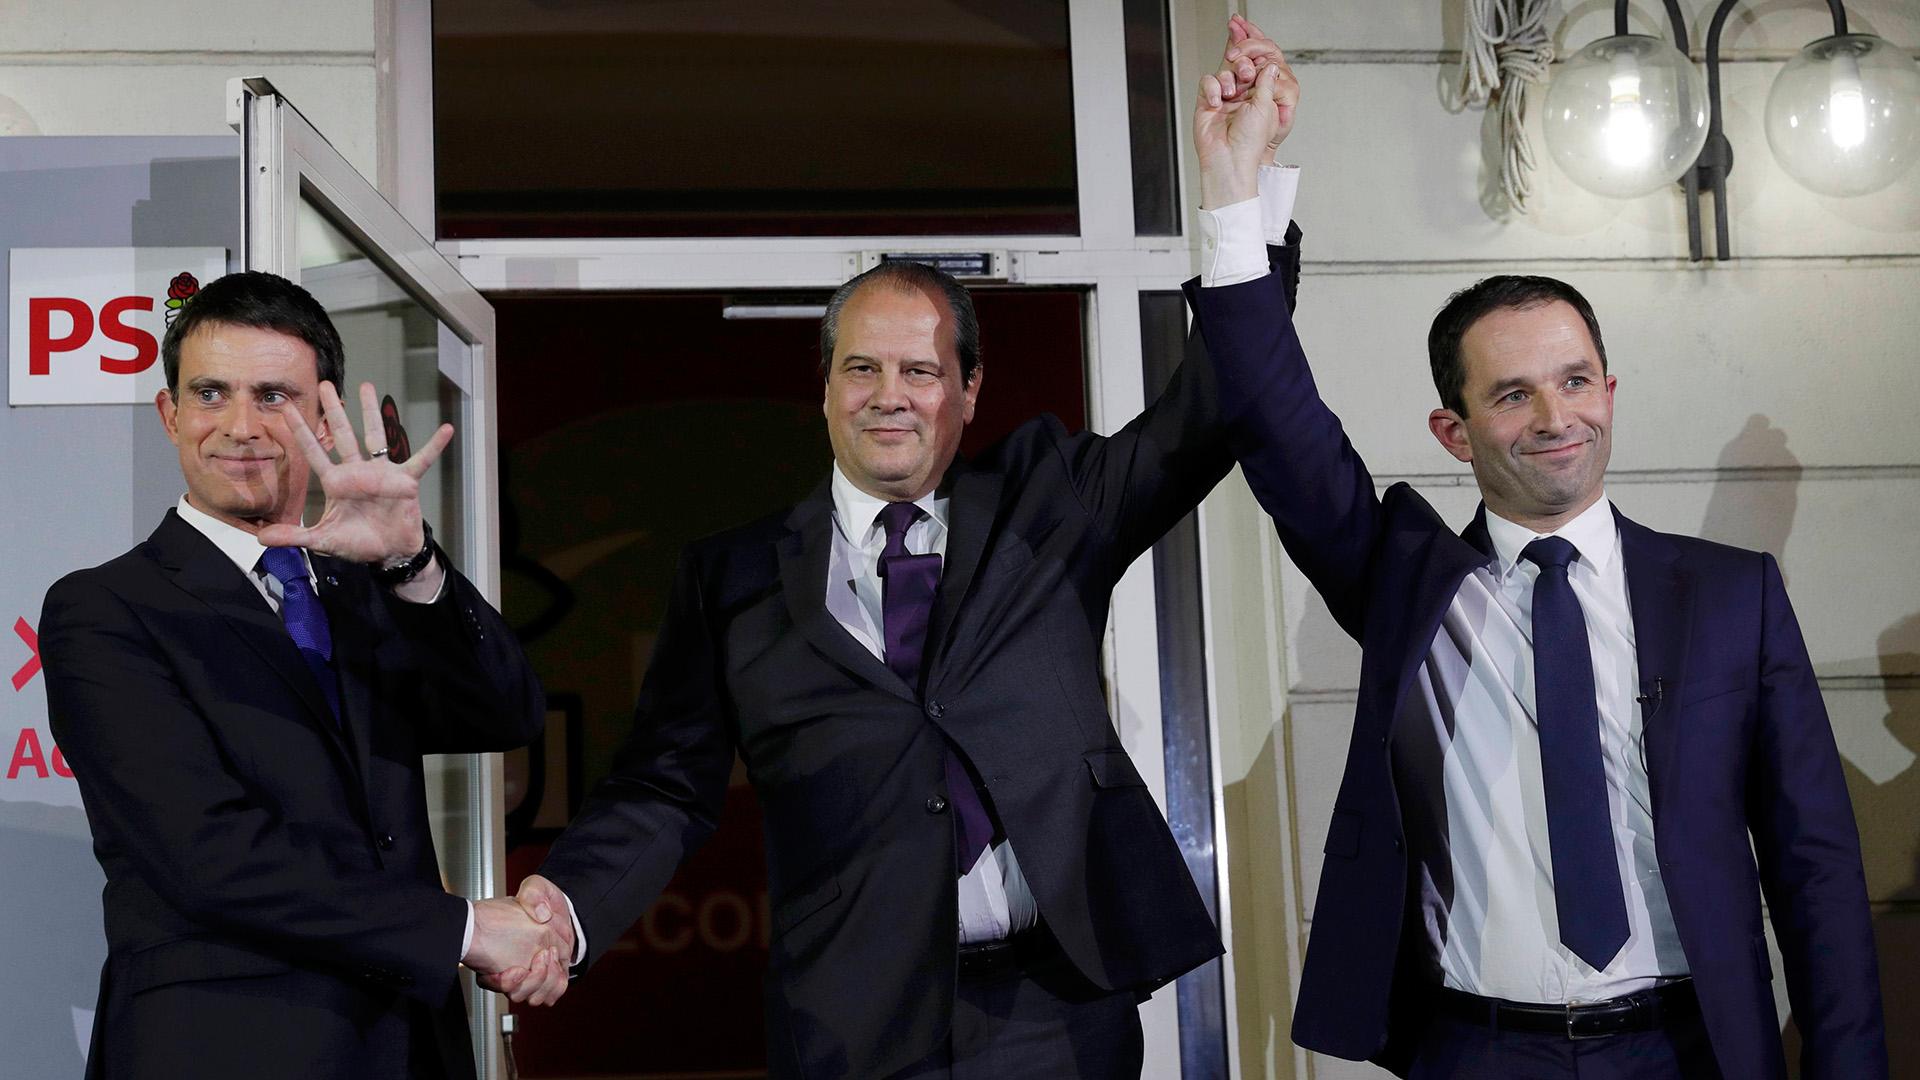 Hamonjunto al ex primer ministro Valls y al secretarioCambadelis (Reuters)